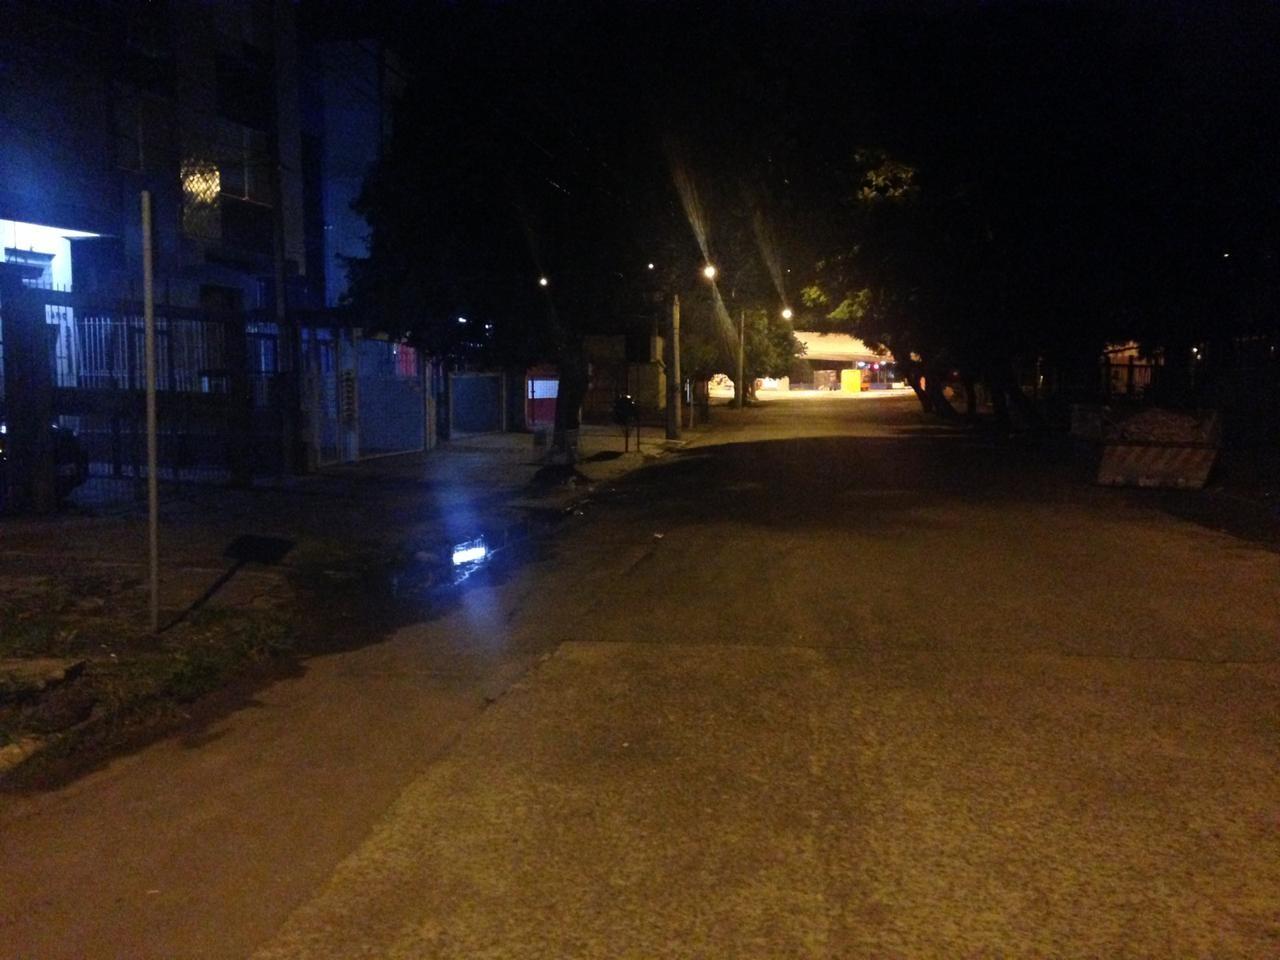 Caso tratado como tentativa de latrocínio em Porto Alegre foi execução encomendada, diz polícia - Notícias - Plantão Diário